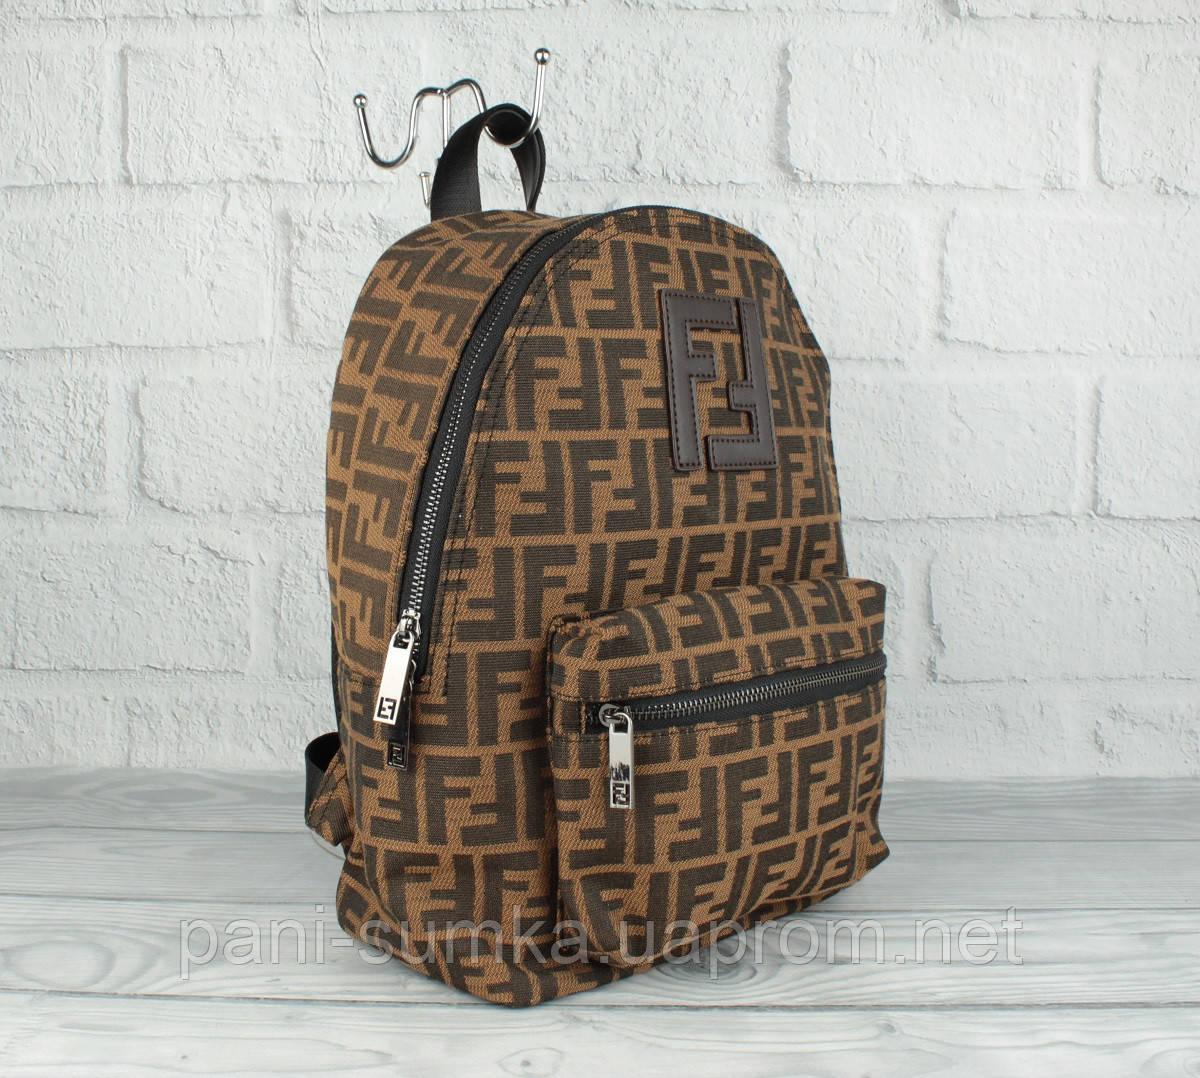 Вместительный рюкзак Fendi 2019-1 среднего размера (копия)